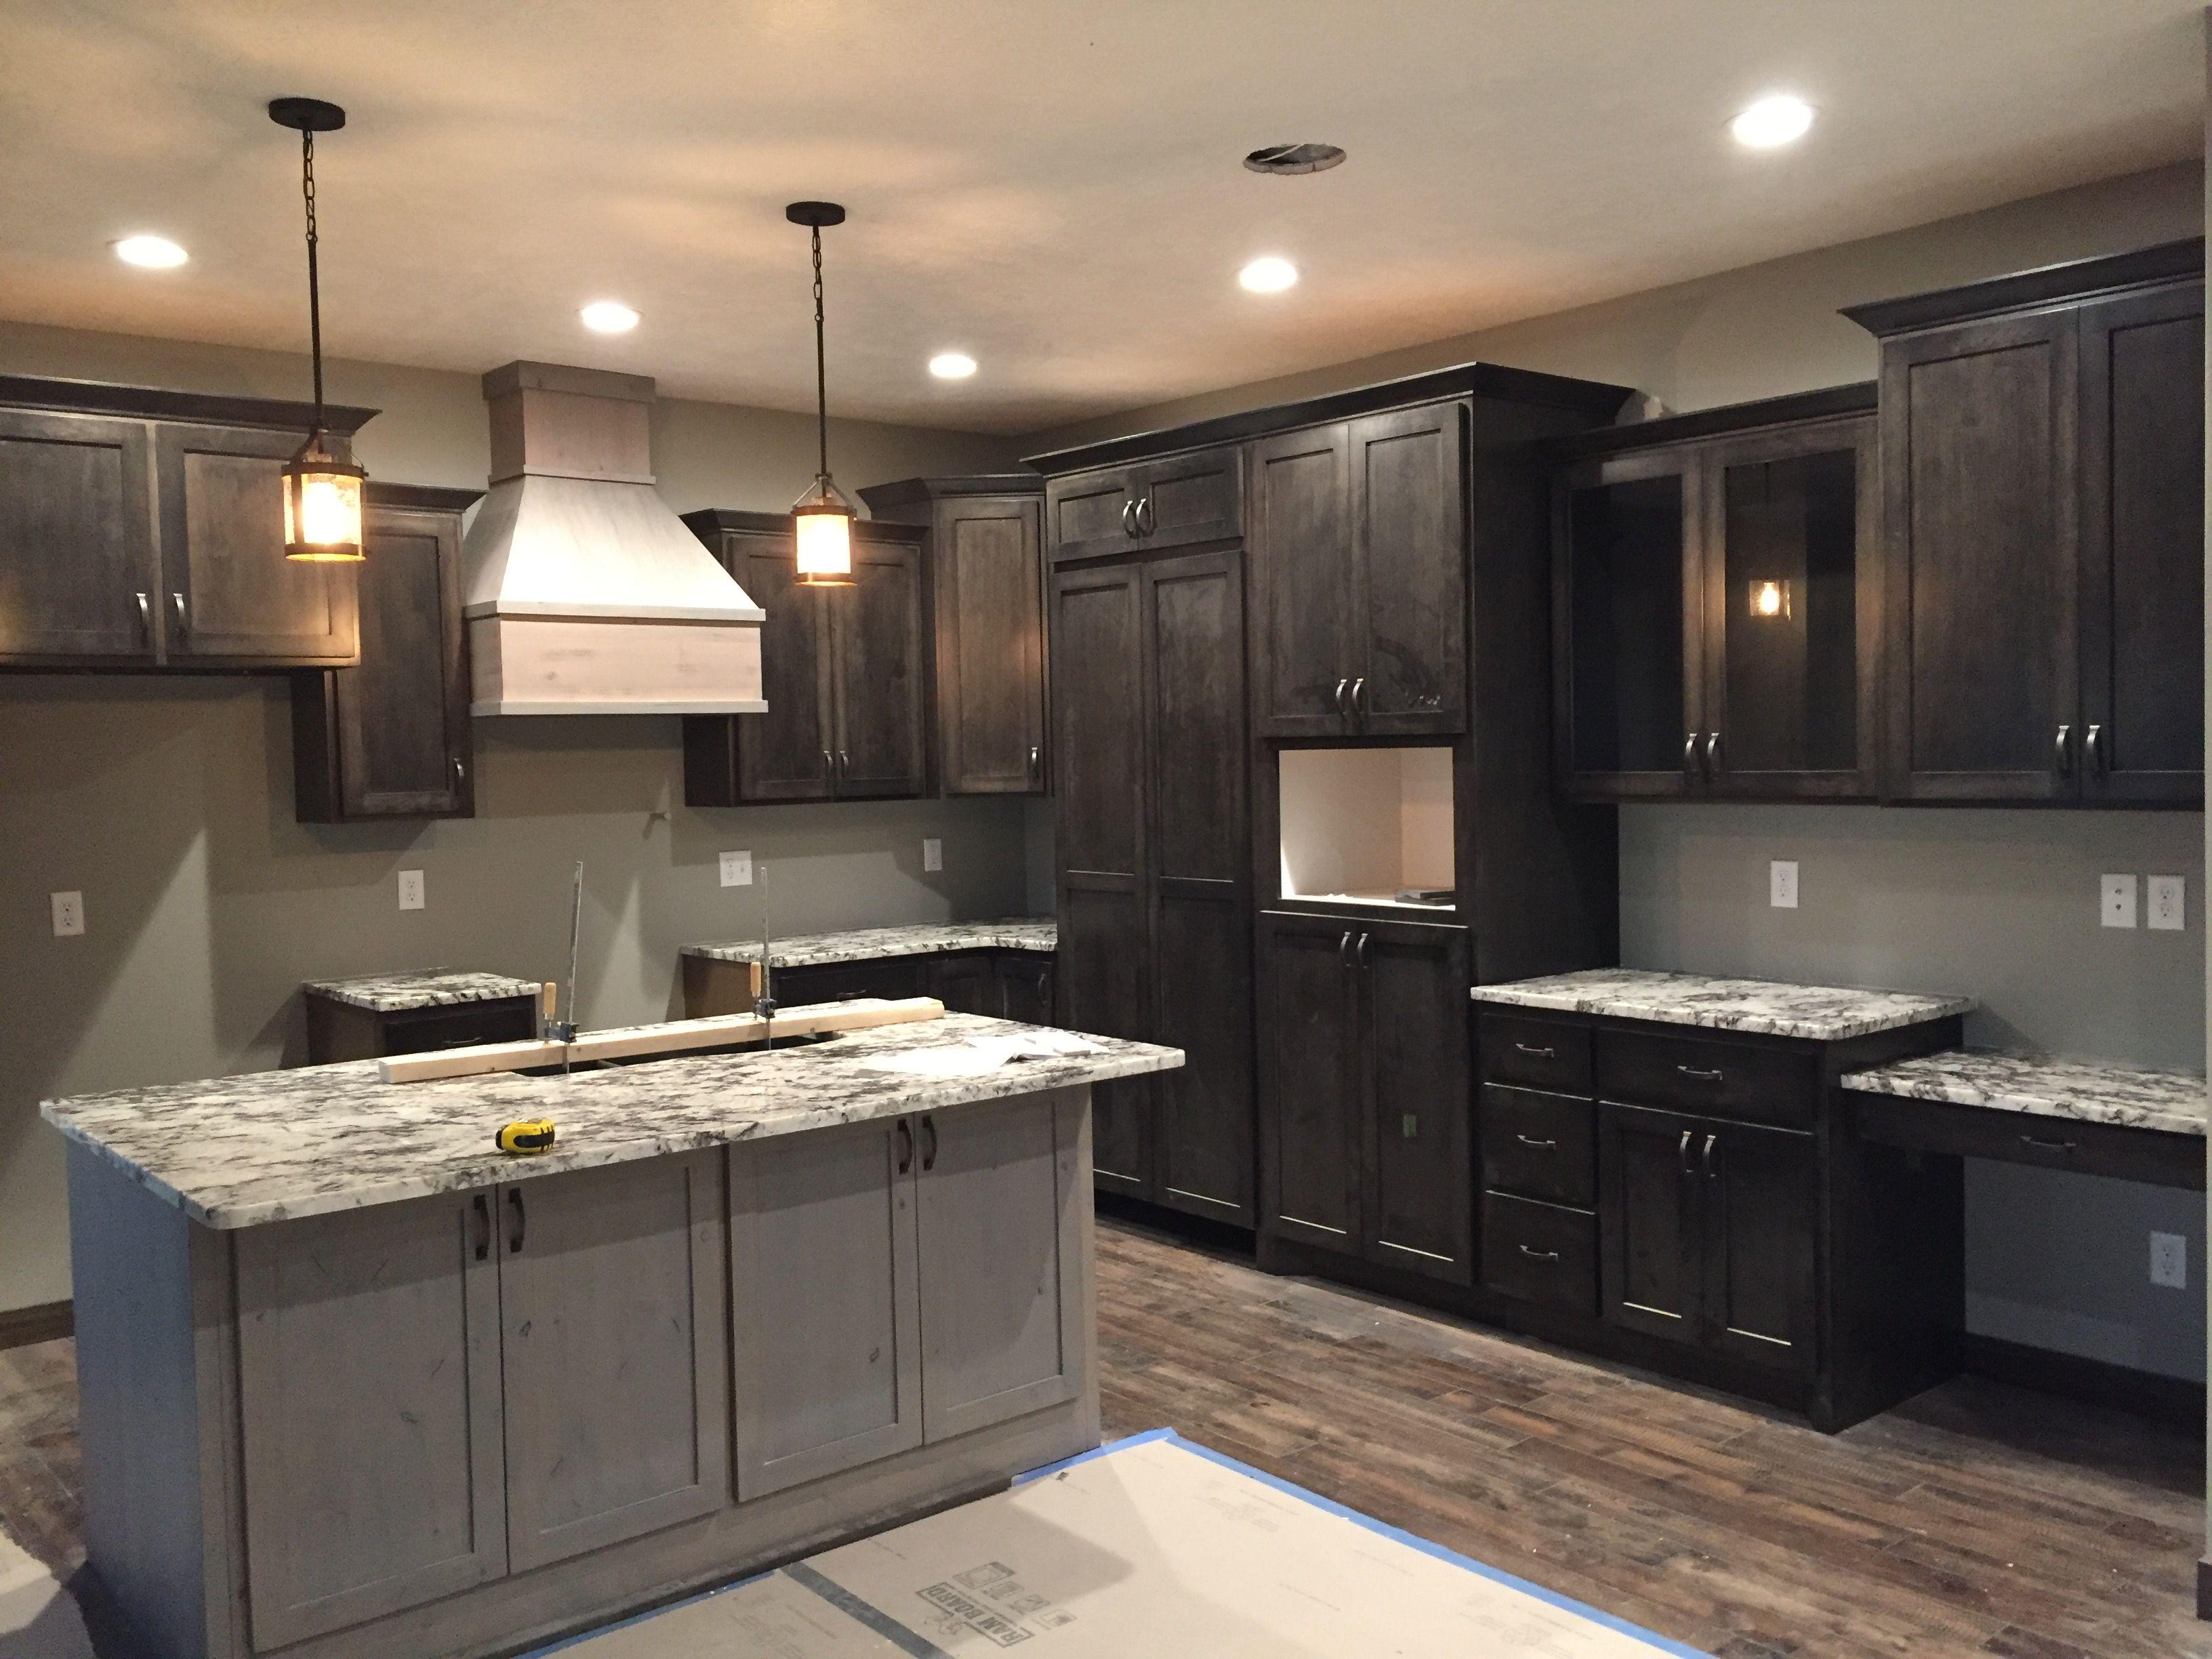 Dark Cabinets With Light Island And Hood Kitchen Dark Kitchen